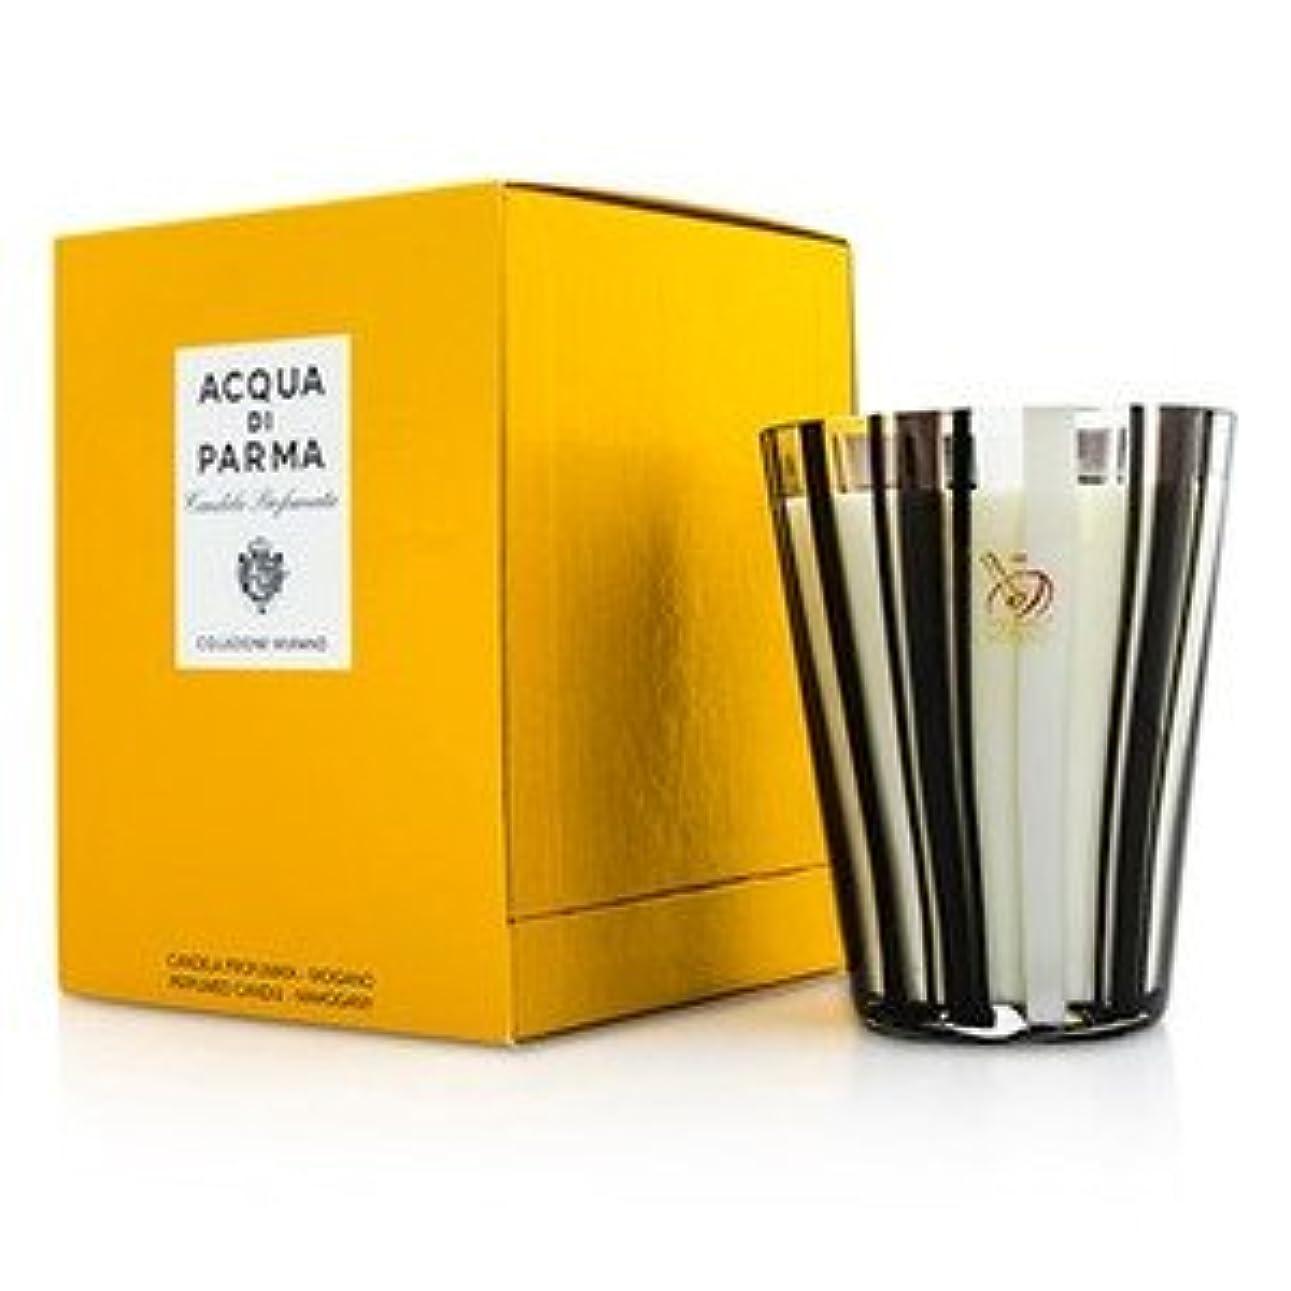 ディスパッチ呼び出すチャネルアクア ディ パルマ[Acqua Di Parma] ムラノ グラス パフューム キャンドル - Mogano(Mahogany) 200g/7.05oz [並行輸入品]